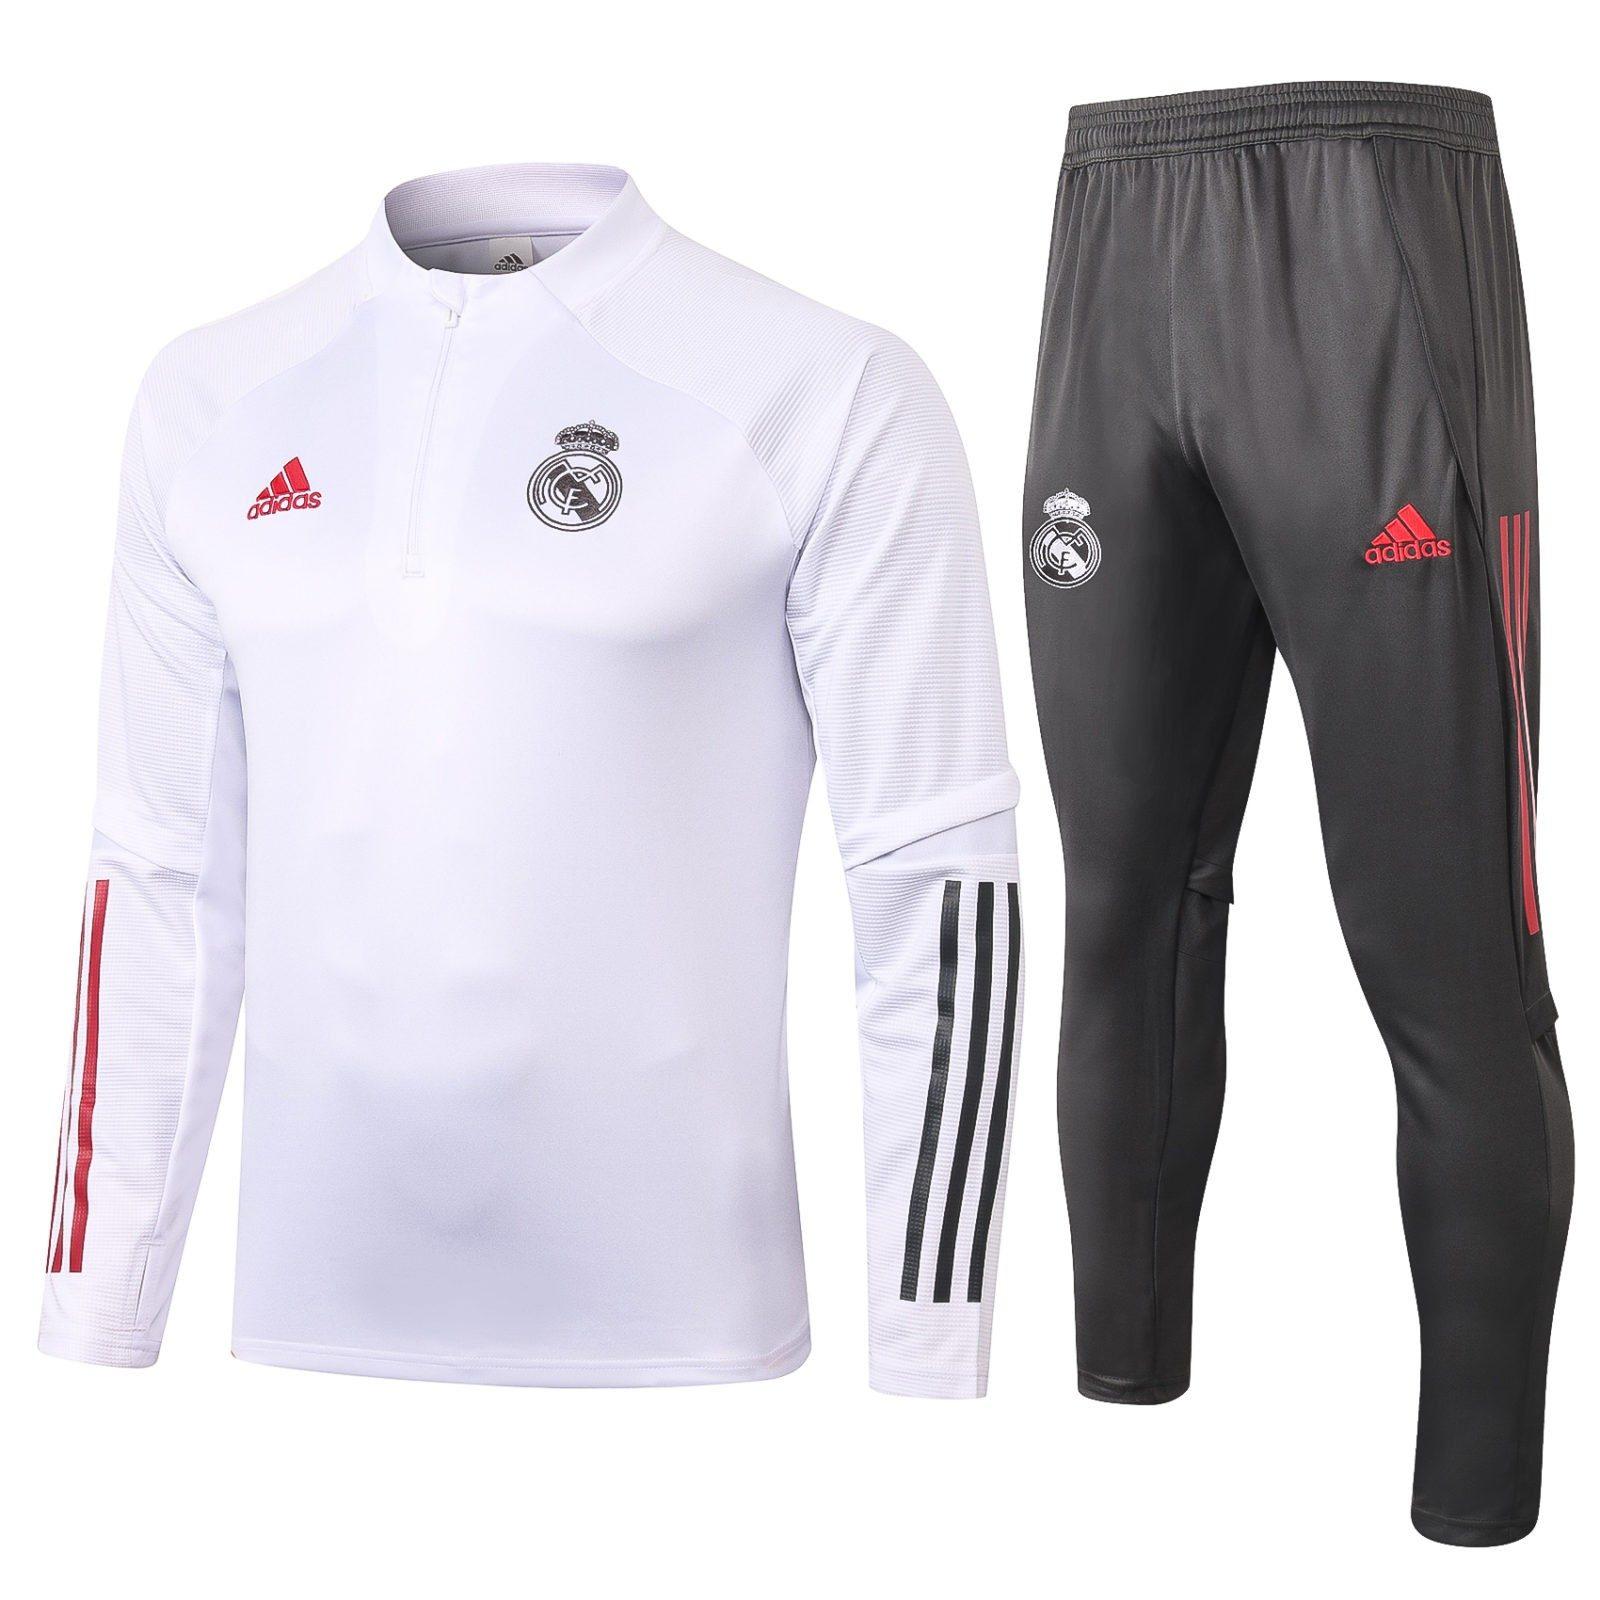 Спортивный костюм Реал Мадрид сезон 2020-2021 арт. 22006